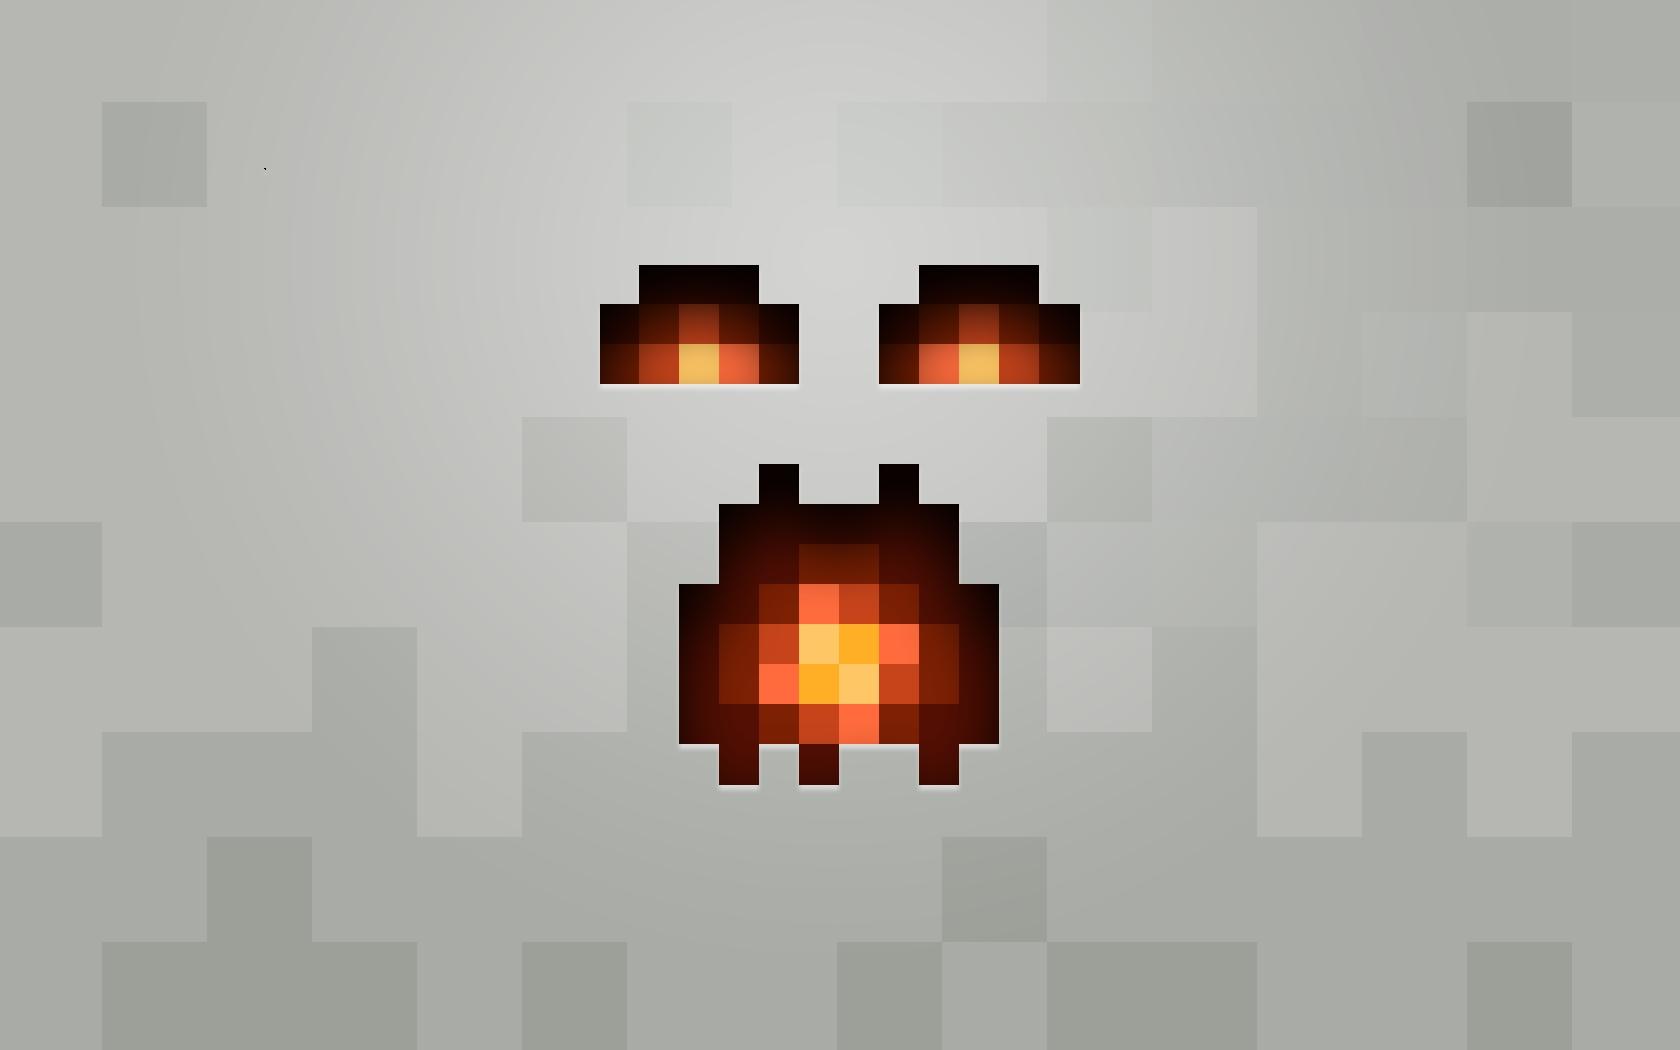 Hintergrundbilder : Text, Logo, Minecraft, Marke, Licht, Hintergrund ...